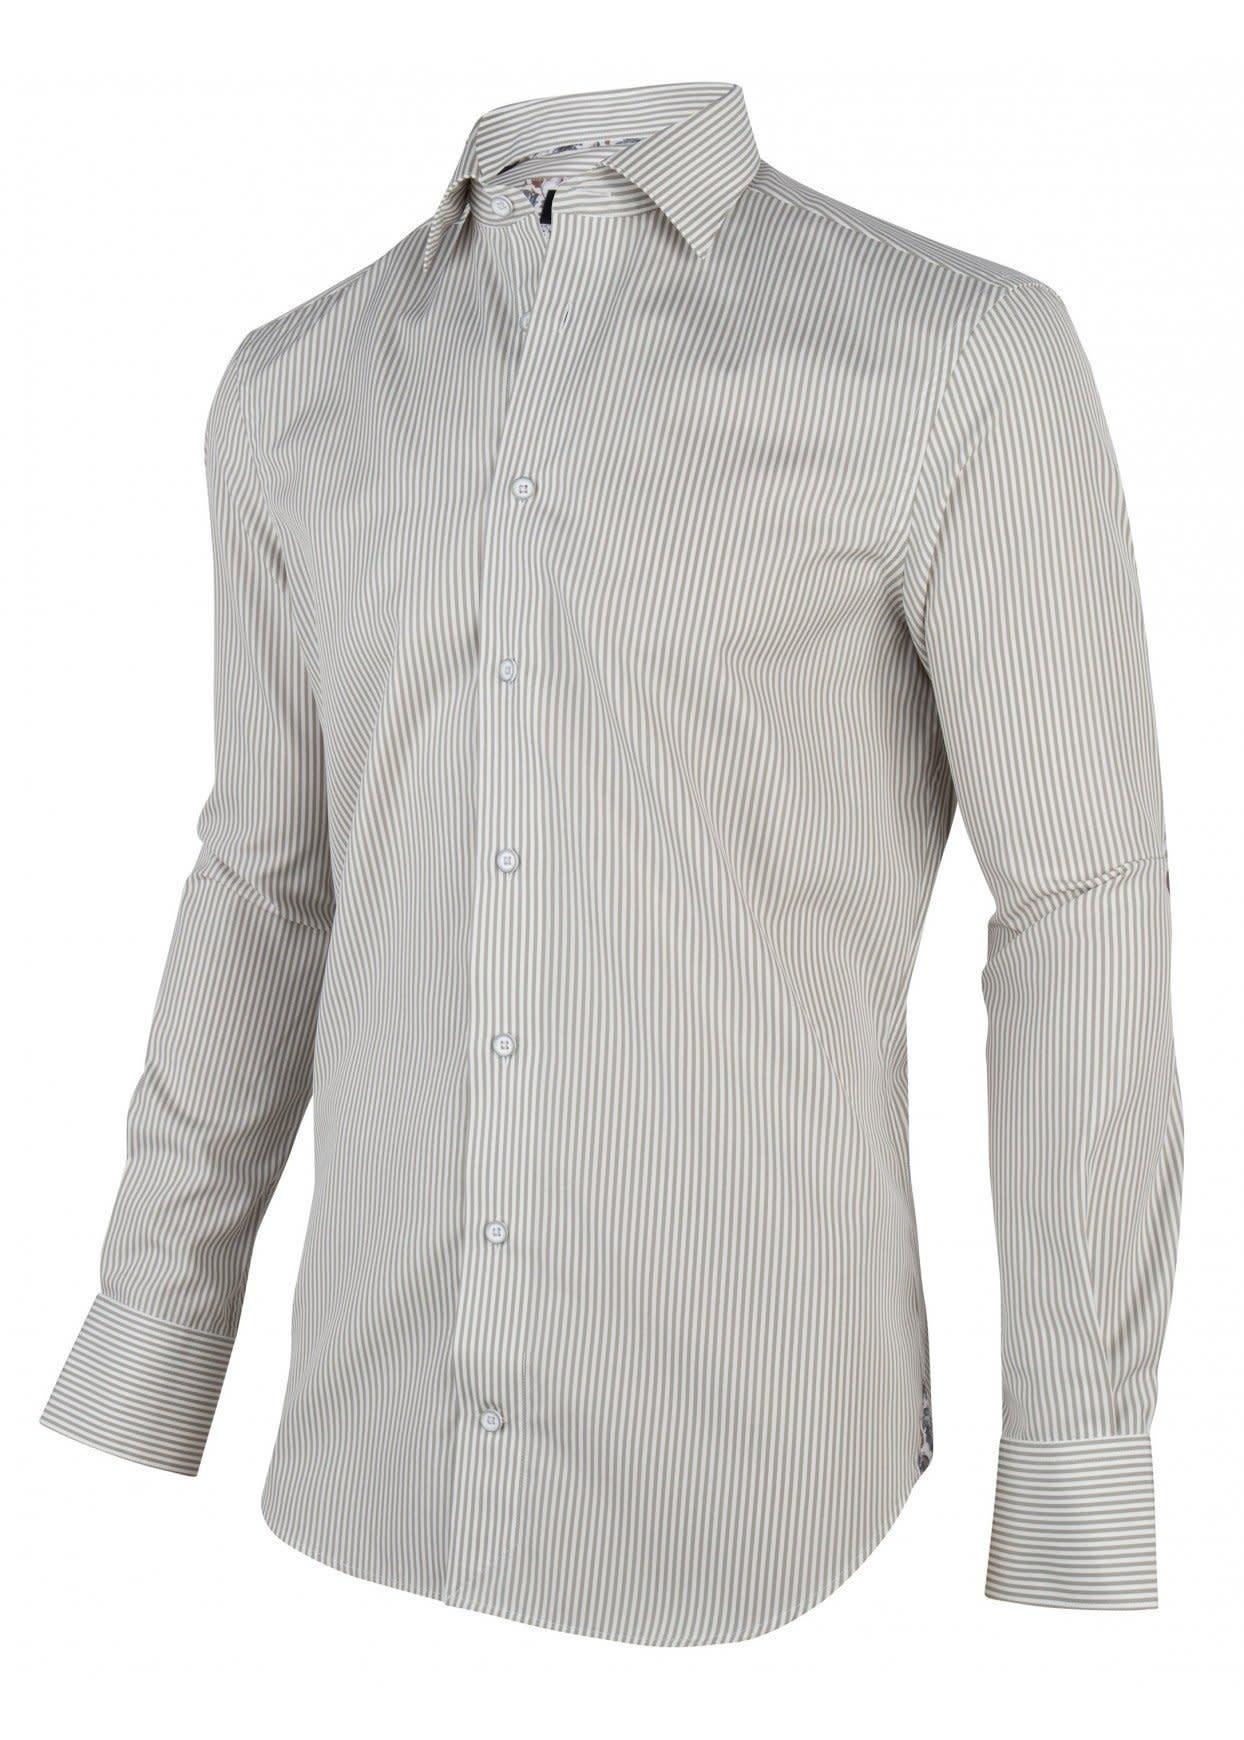 Elisio overhemd-1